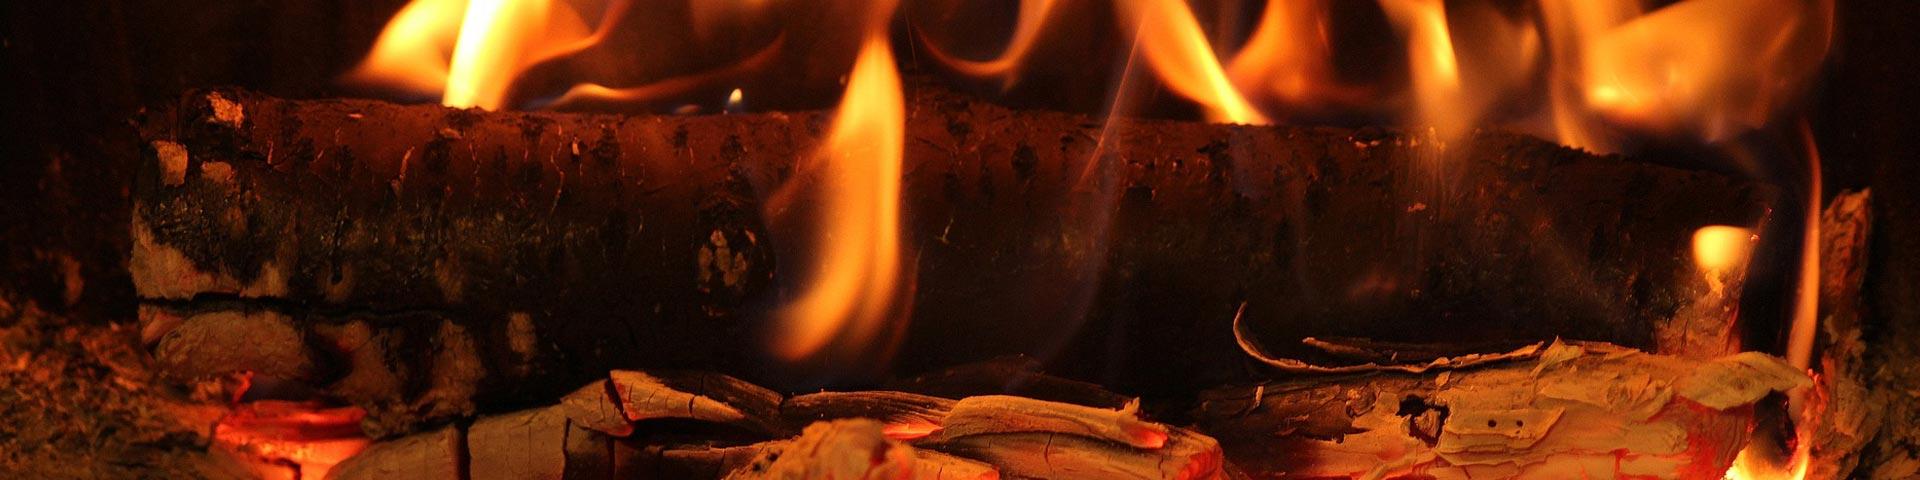 Hai-un-progetto-ambizioso--Ecco-perché-devi-sapere-come-si-accende-un-fuoco_WildWisdom_Blog